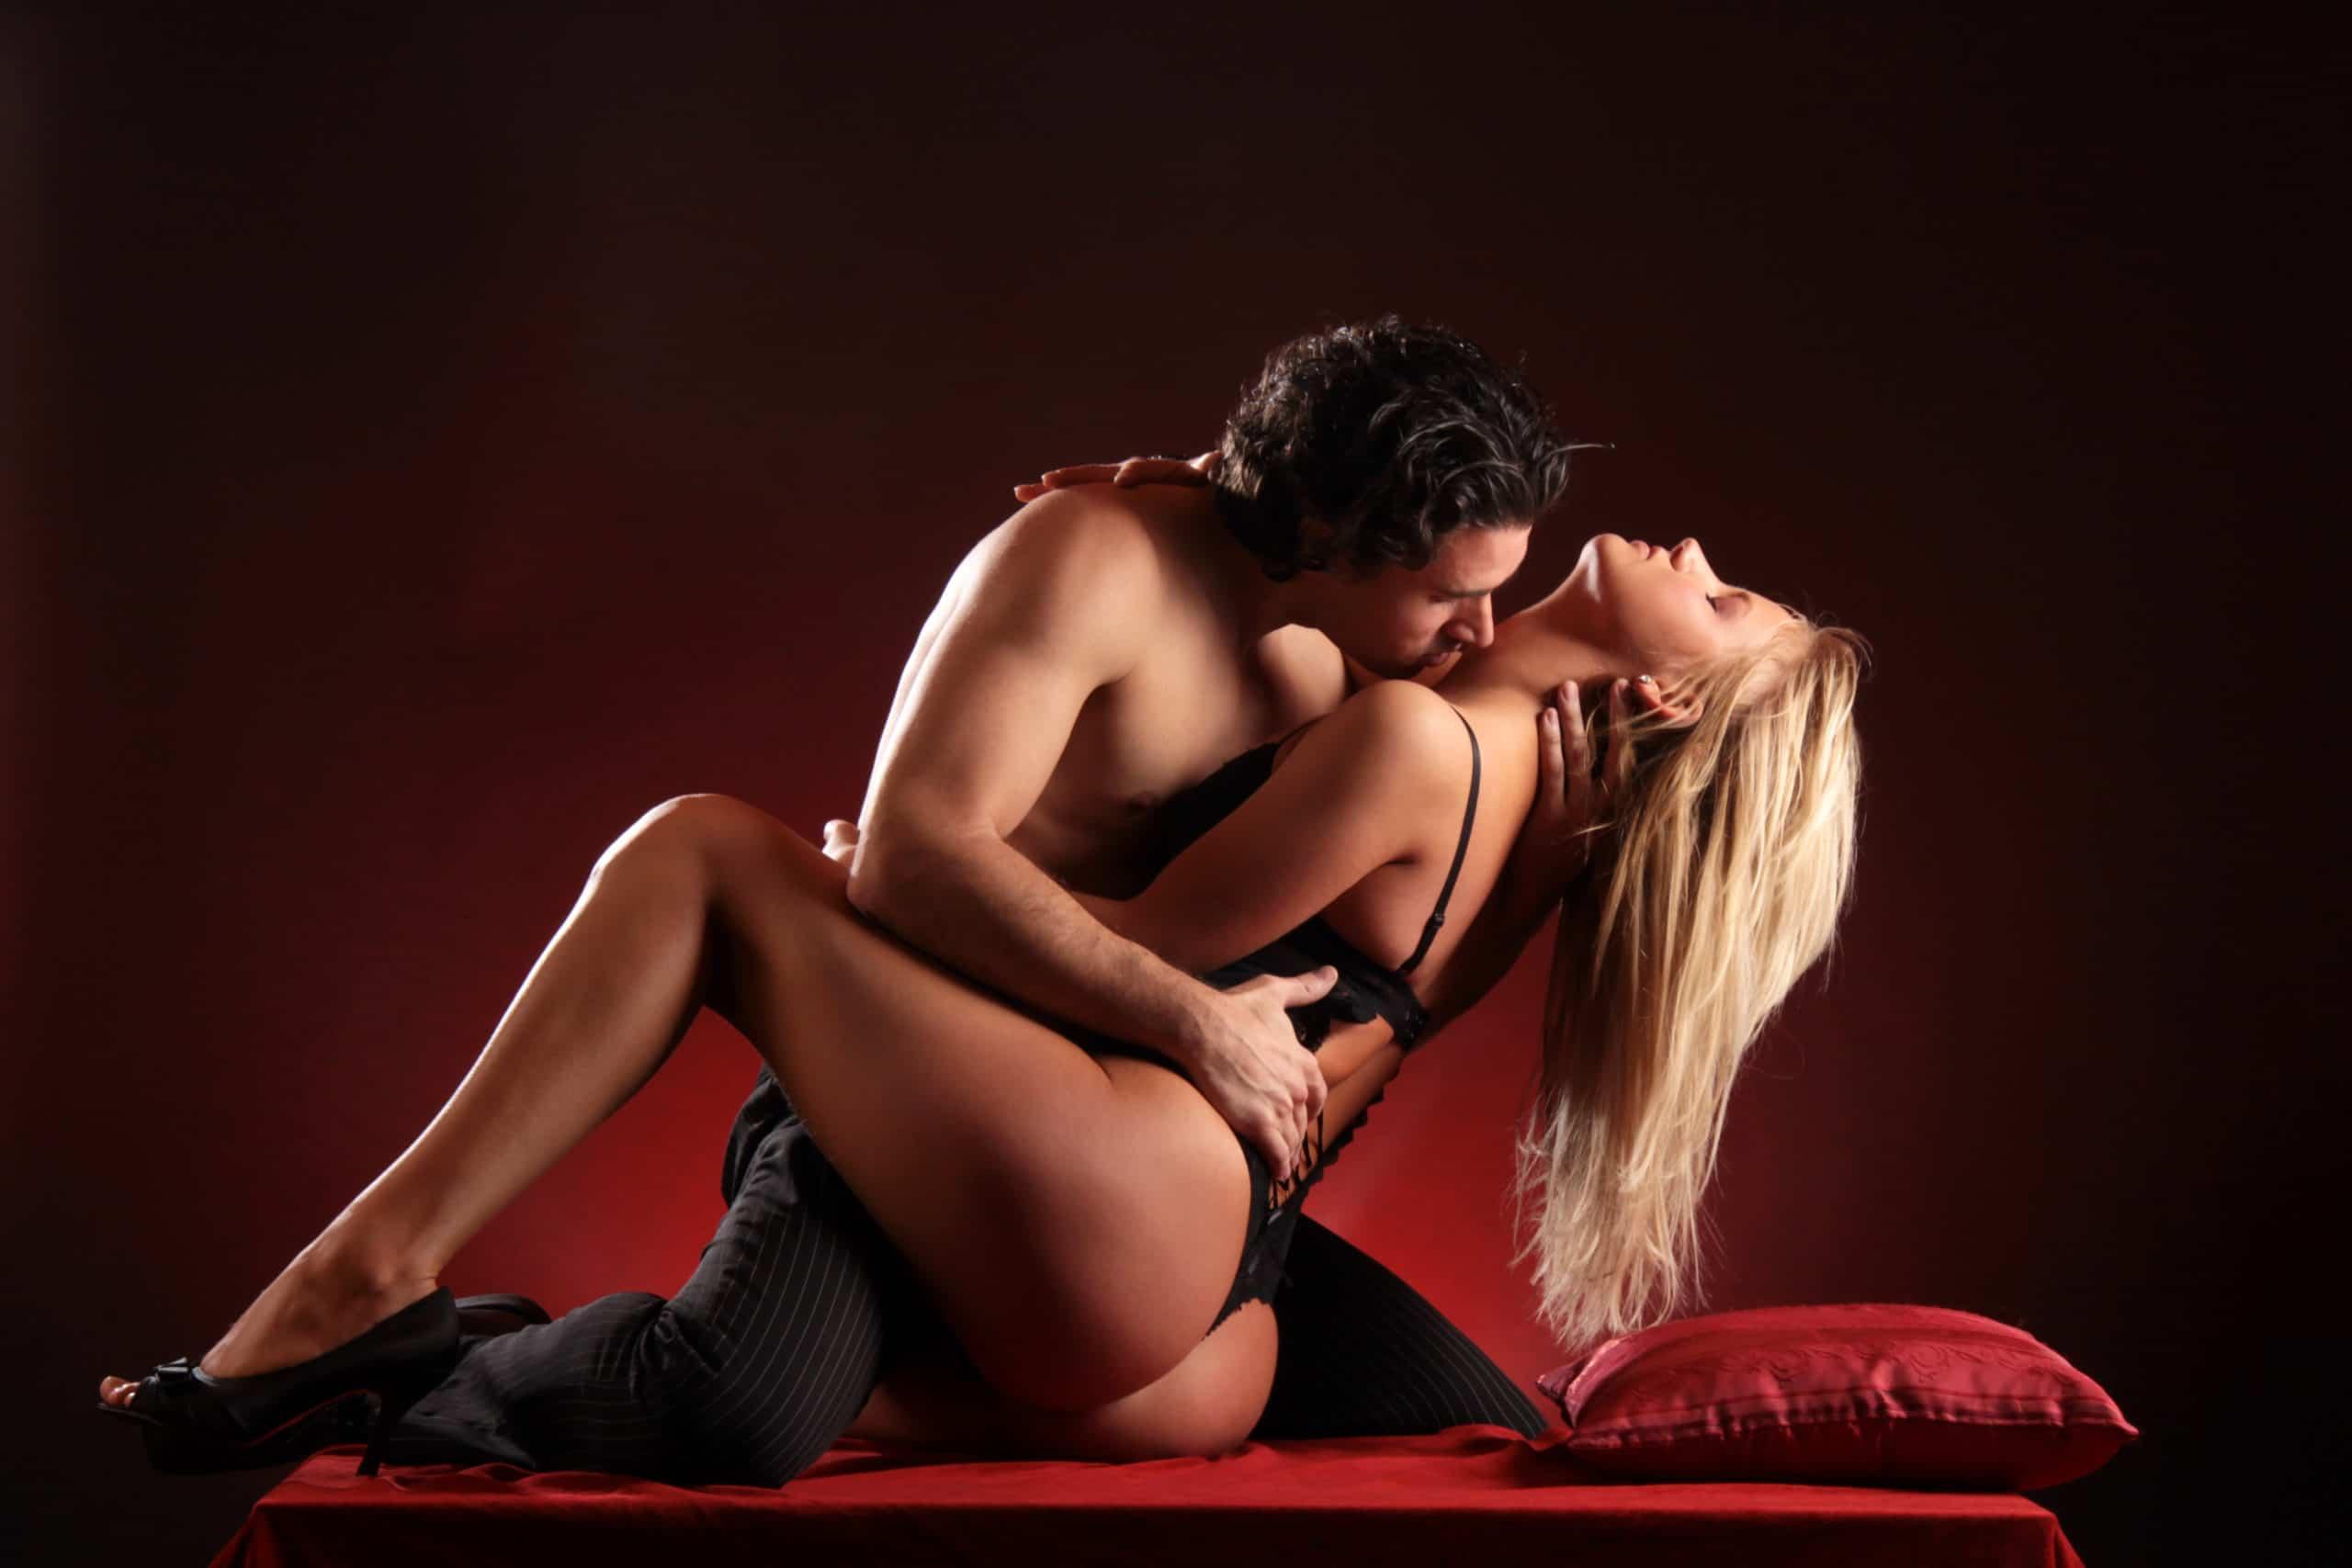 erotische massage Г¶l erotischer sex hd